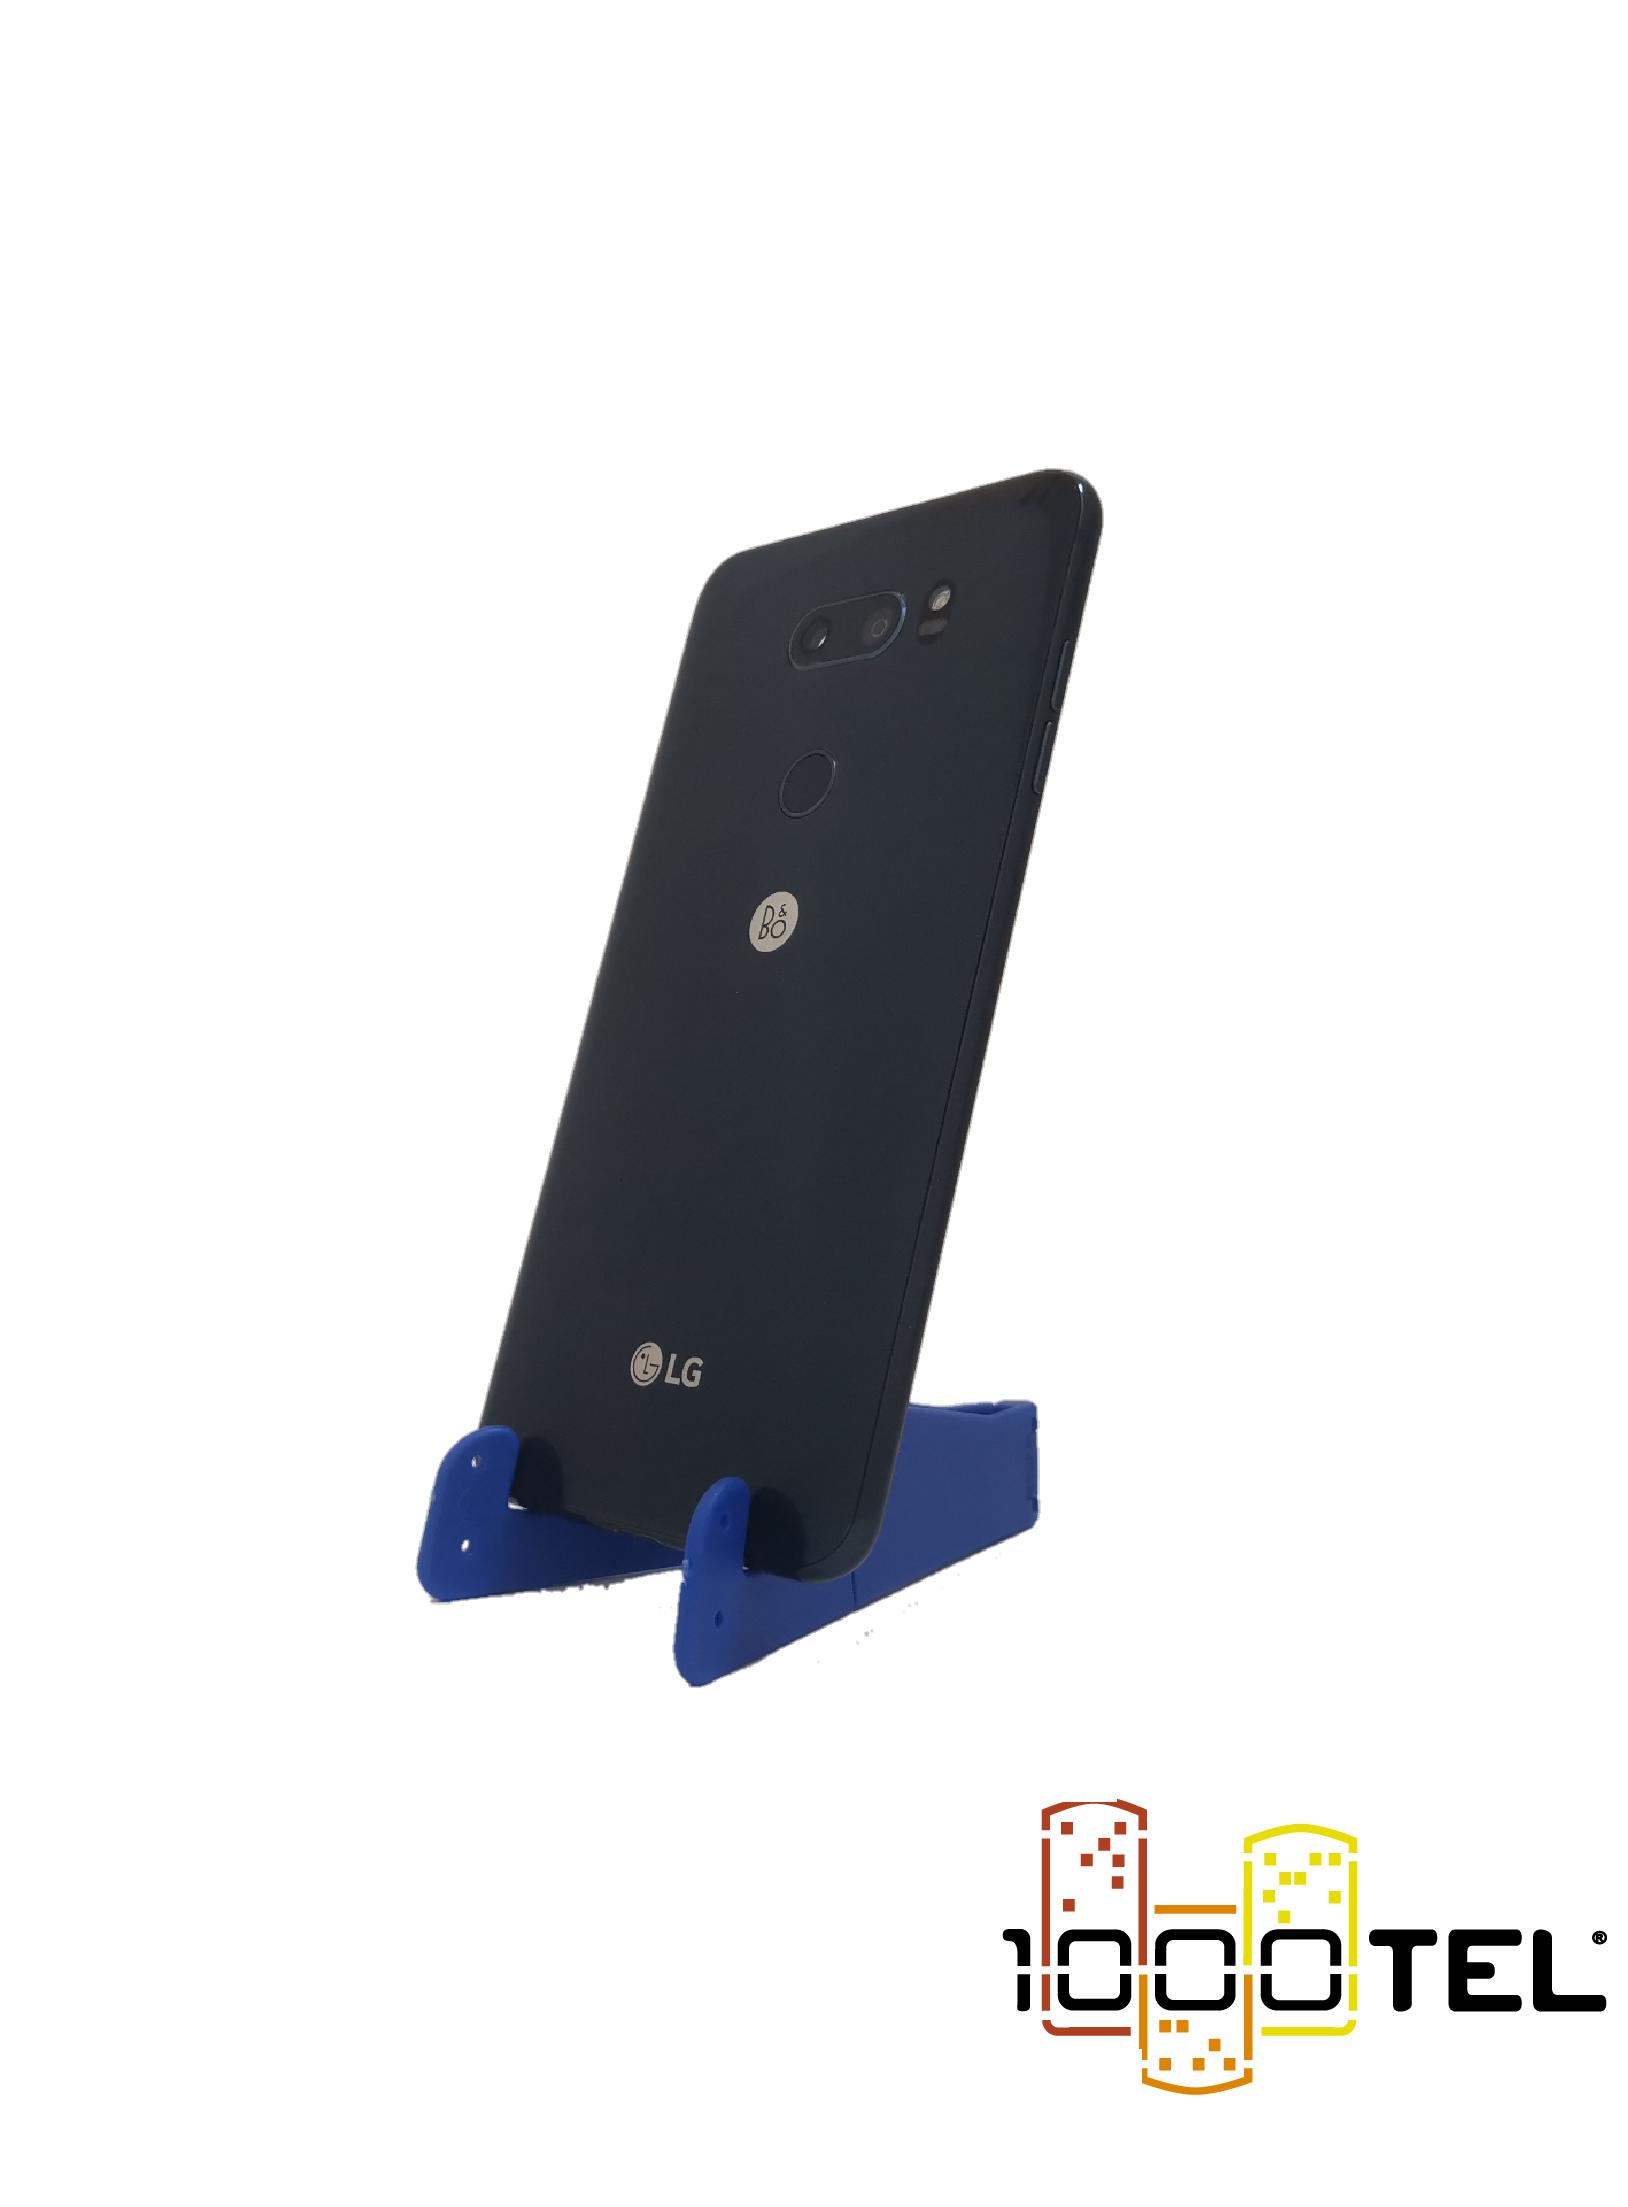 LG V30 #3